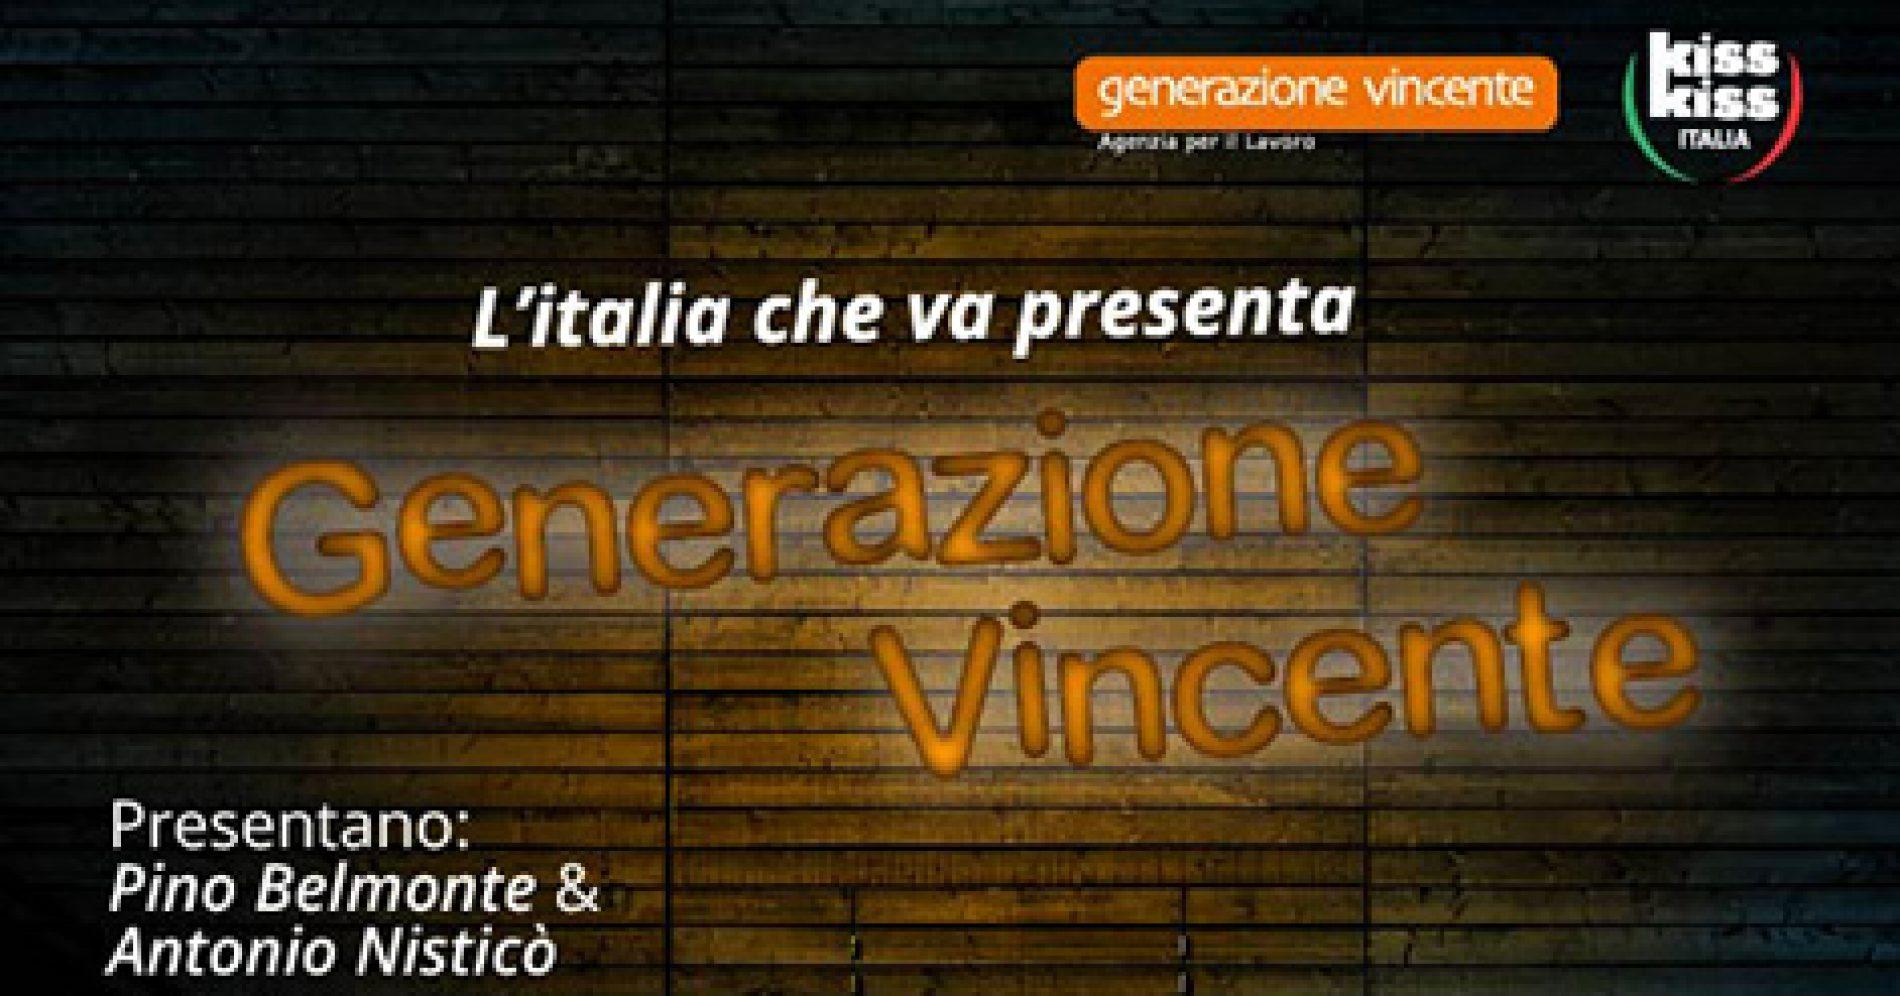 """Venerdì 31/03 la seconda puntata de """"l'Italia che va presenta: generazione vincente"""", si parlerà del colloquio di lavoro"""